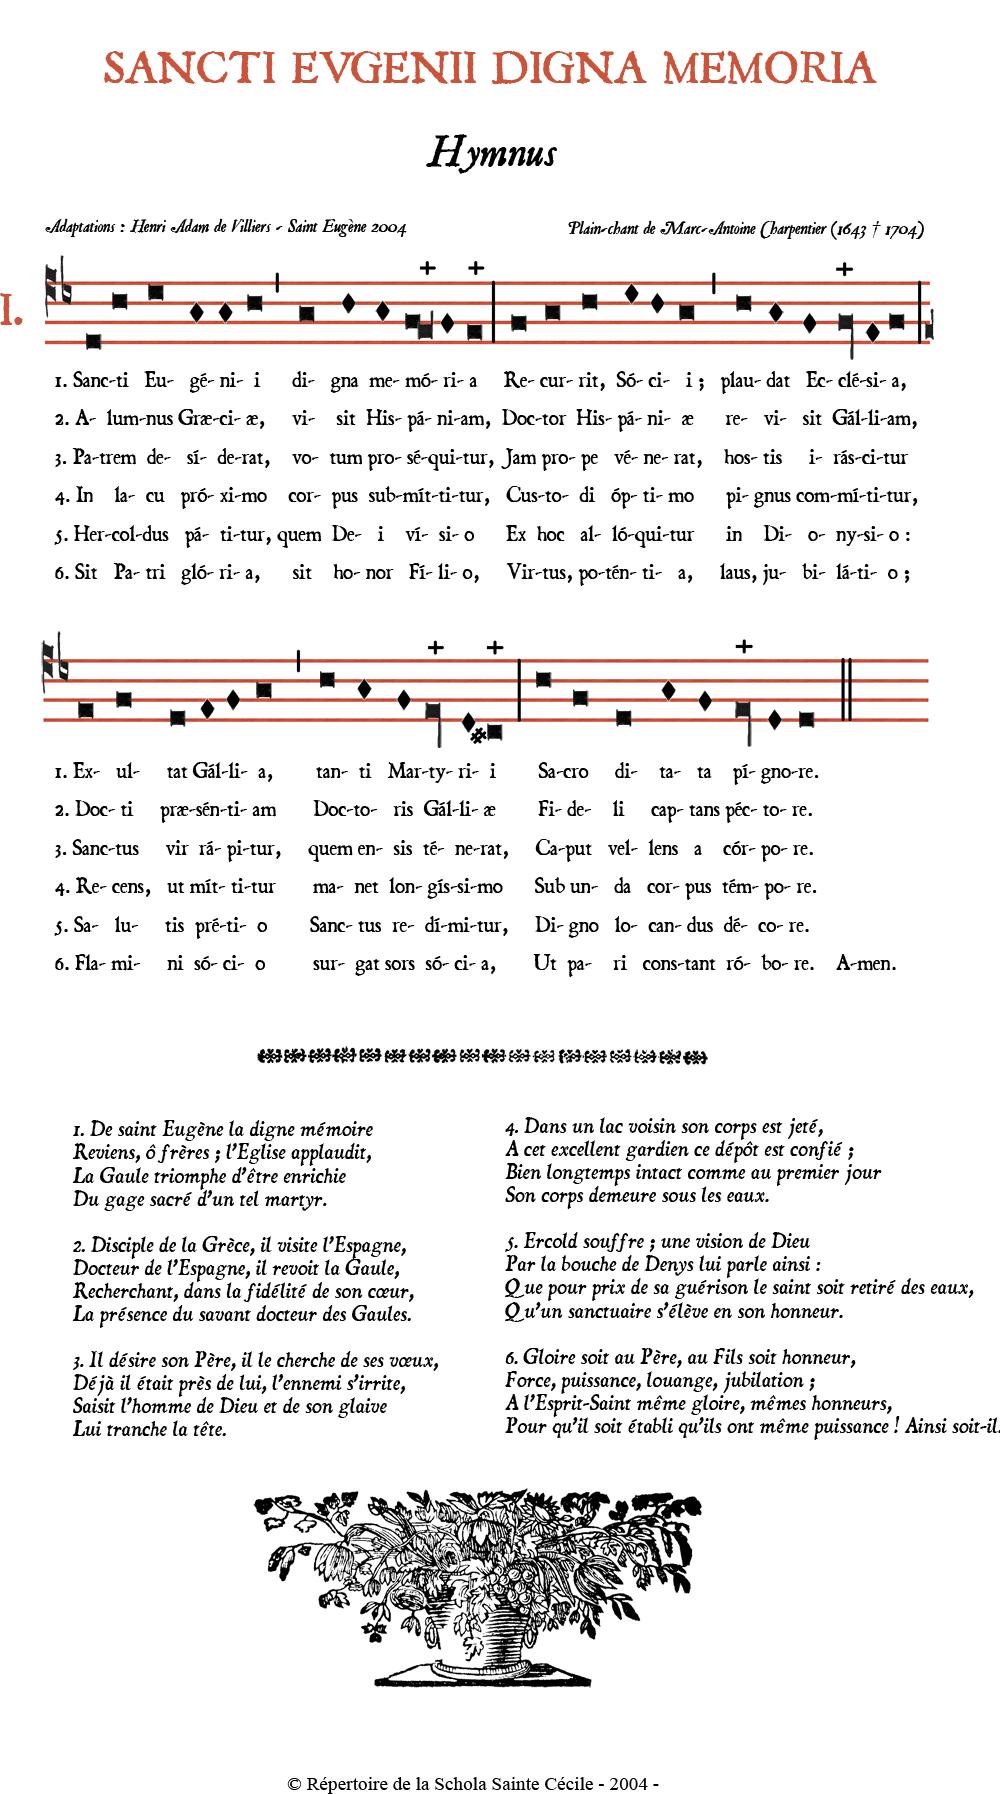 Sancti Eugenii digna memoria - Hymne de saint Eugène